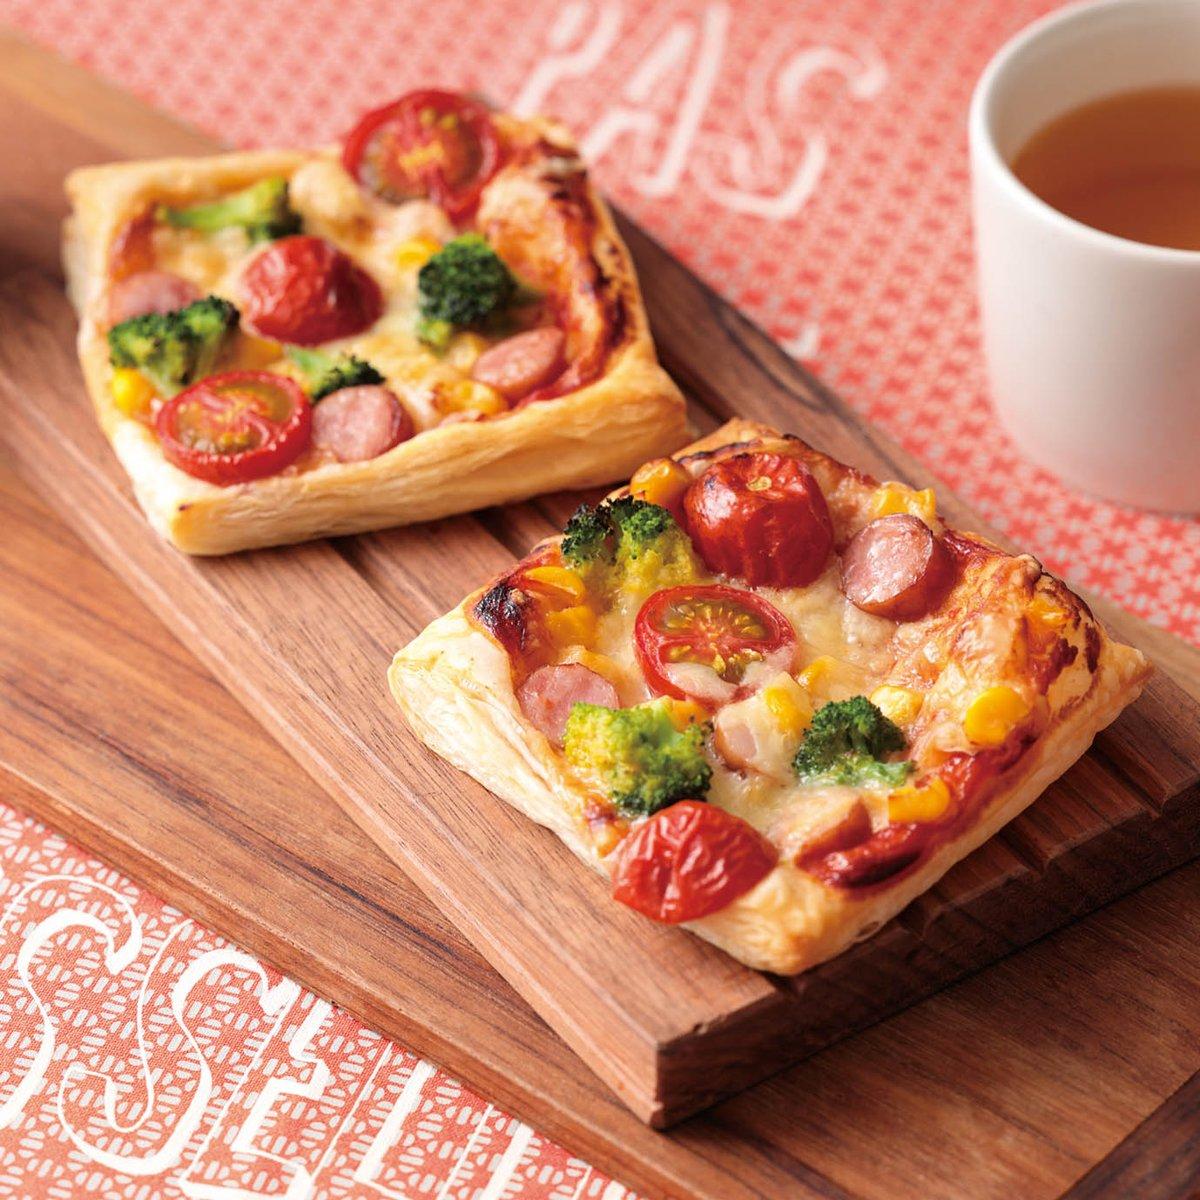 11月20日は #ピザの日冷凍パイシートを切って、トマトケチャップを塗って具材をのせるだけ!「ソーセージとカラフル野菜のピザ」はいかがでしょう🍕野菜もたくさんとれますよ✨(⑅ n´∀`n)ニガテナ ヤサイ モ コレナラ タベラレ マス ネ…🔽詳しいレシピはこちら🔽